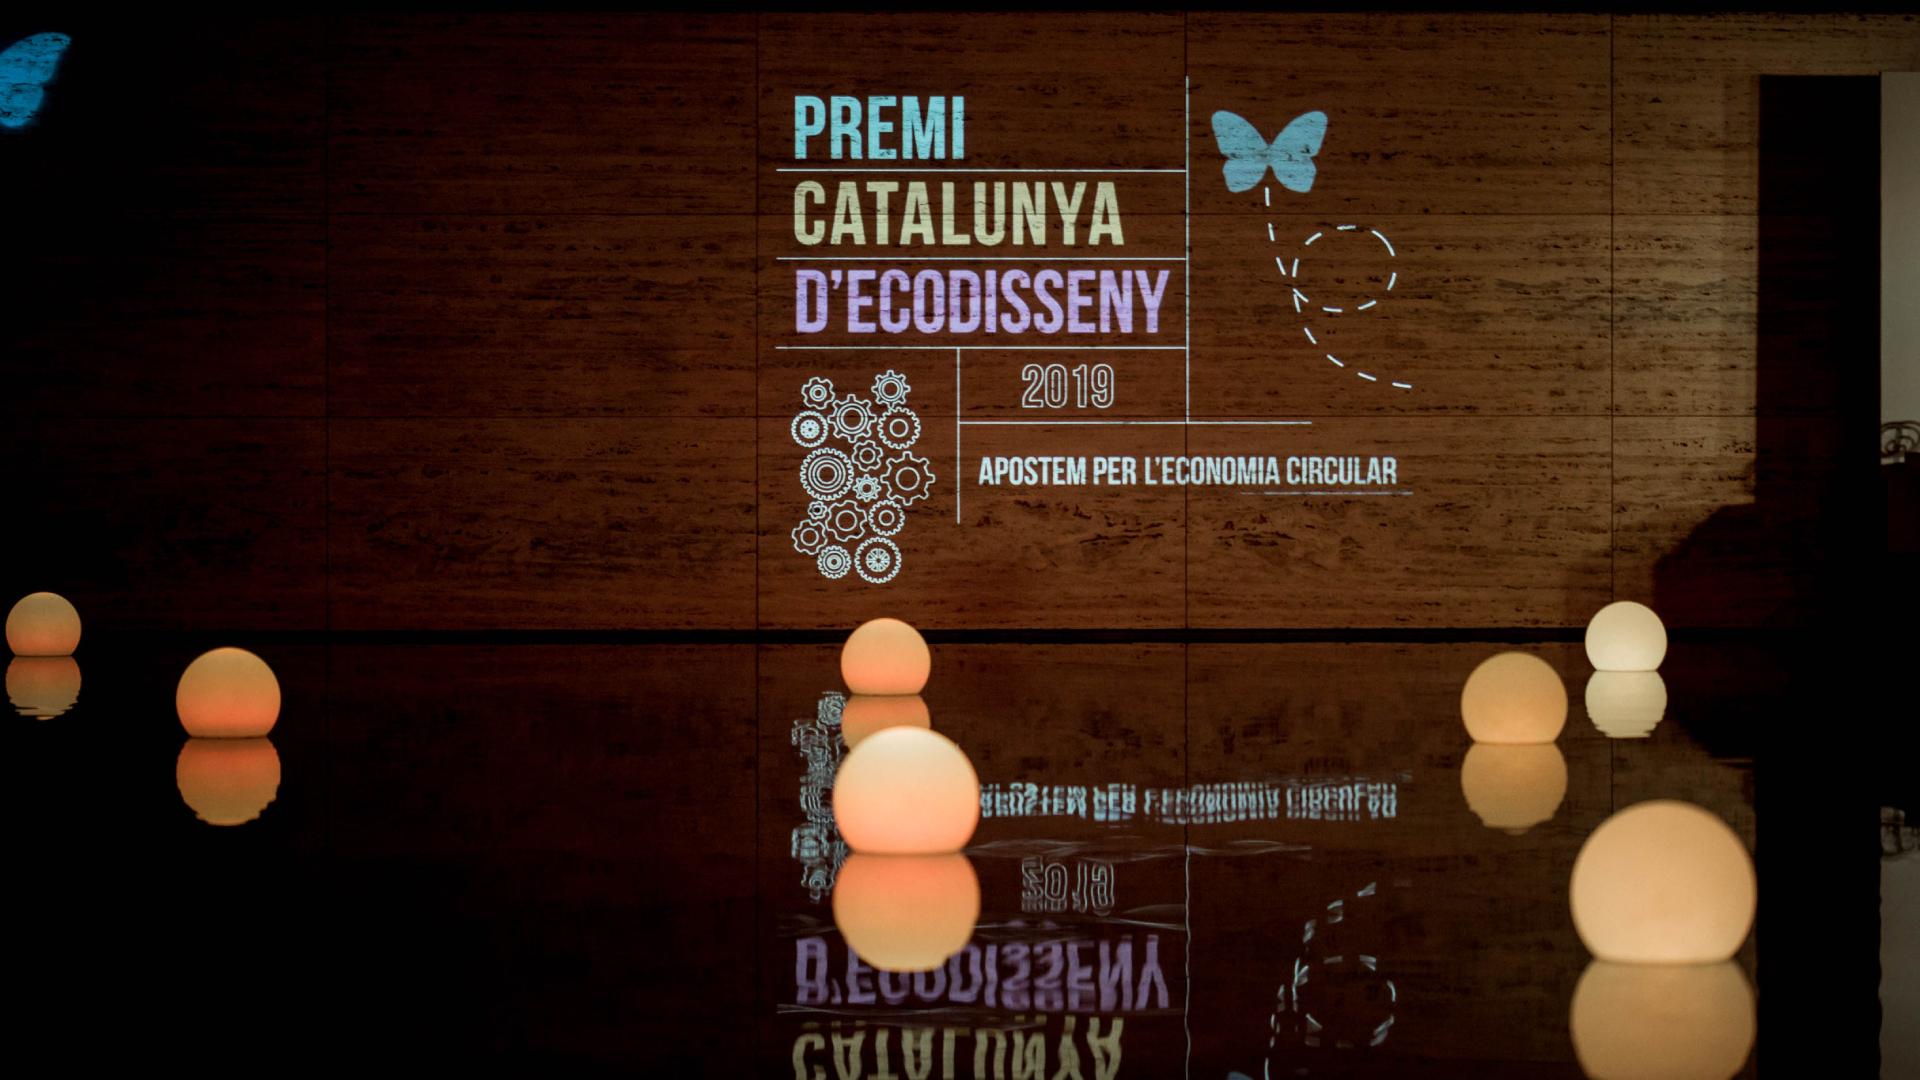 Premi Catalunya d'Ecodisseny 2019